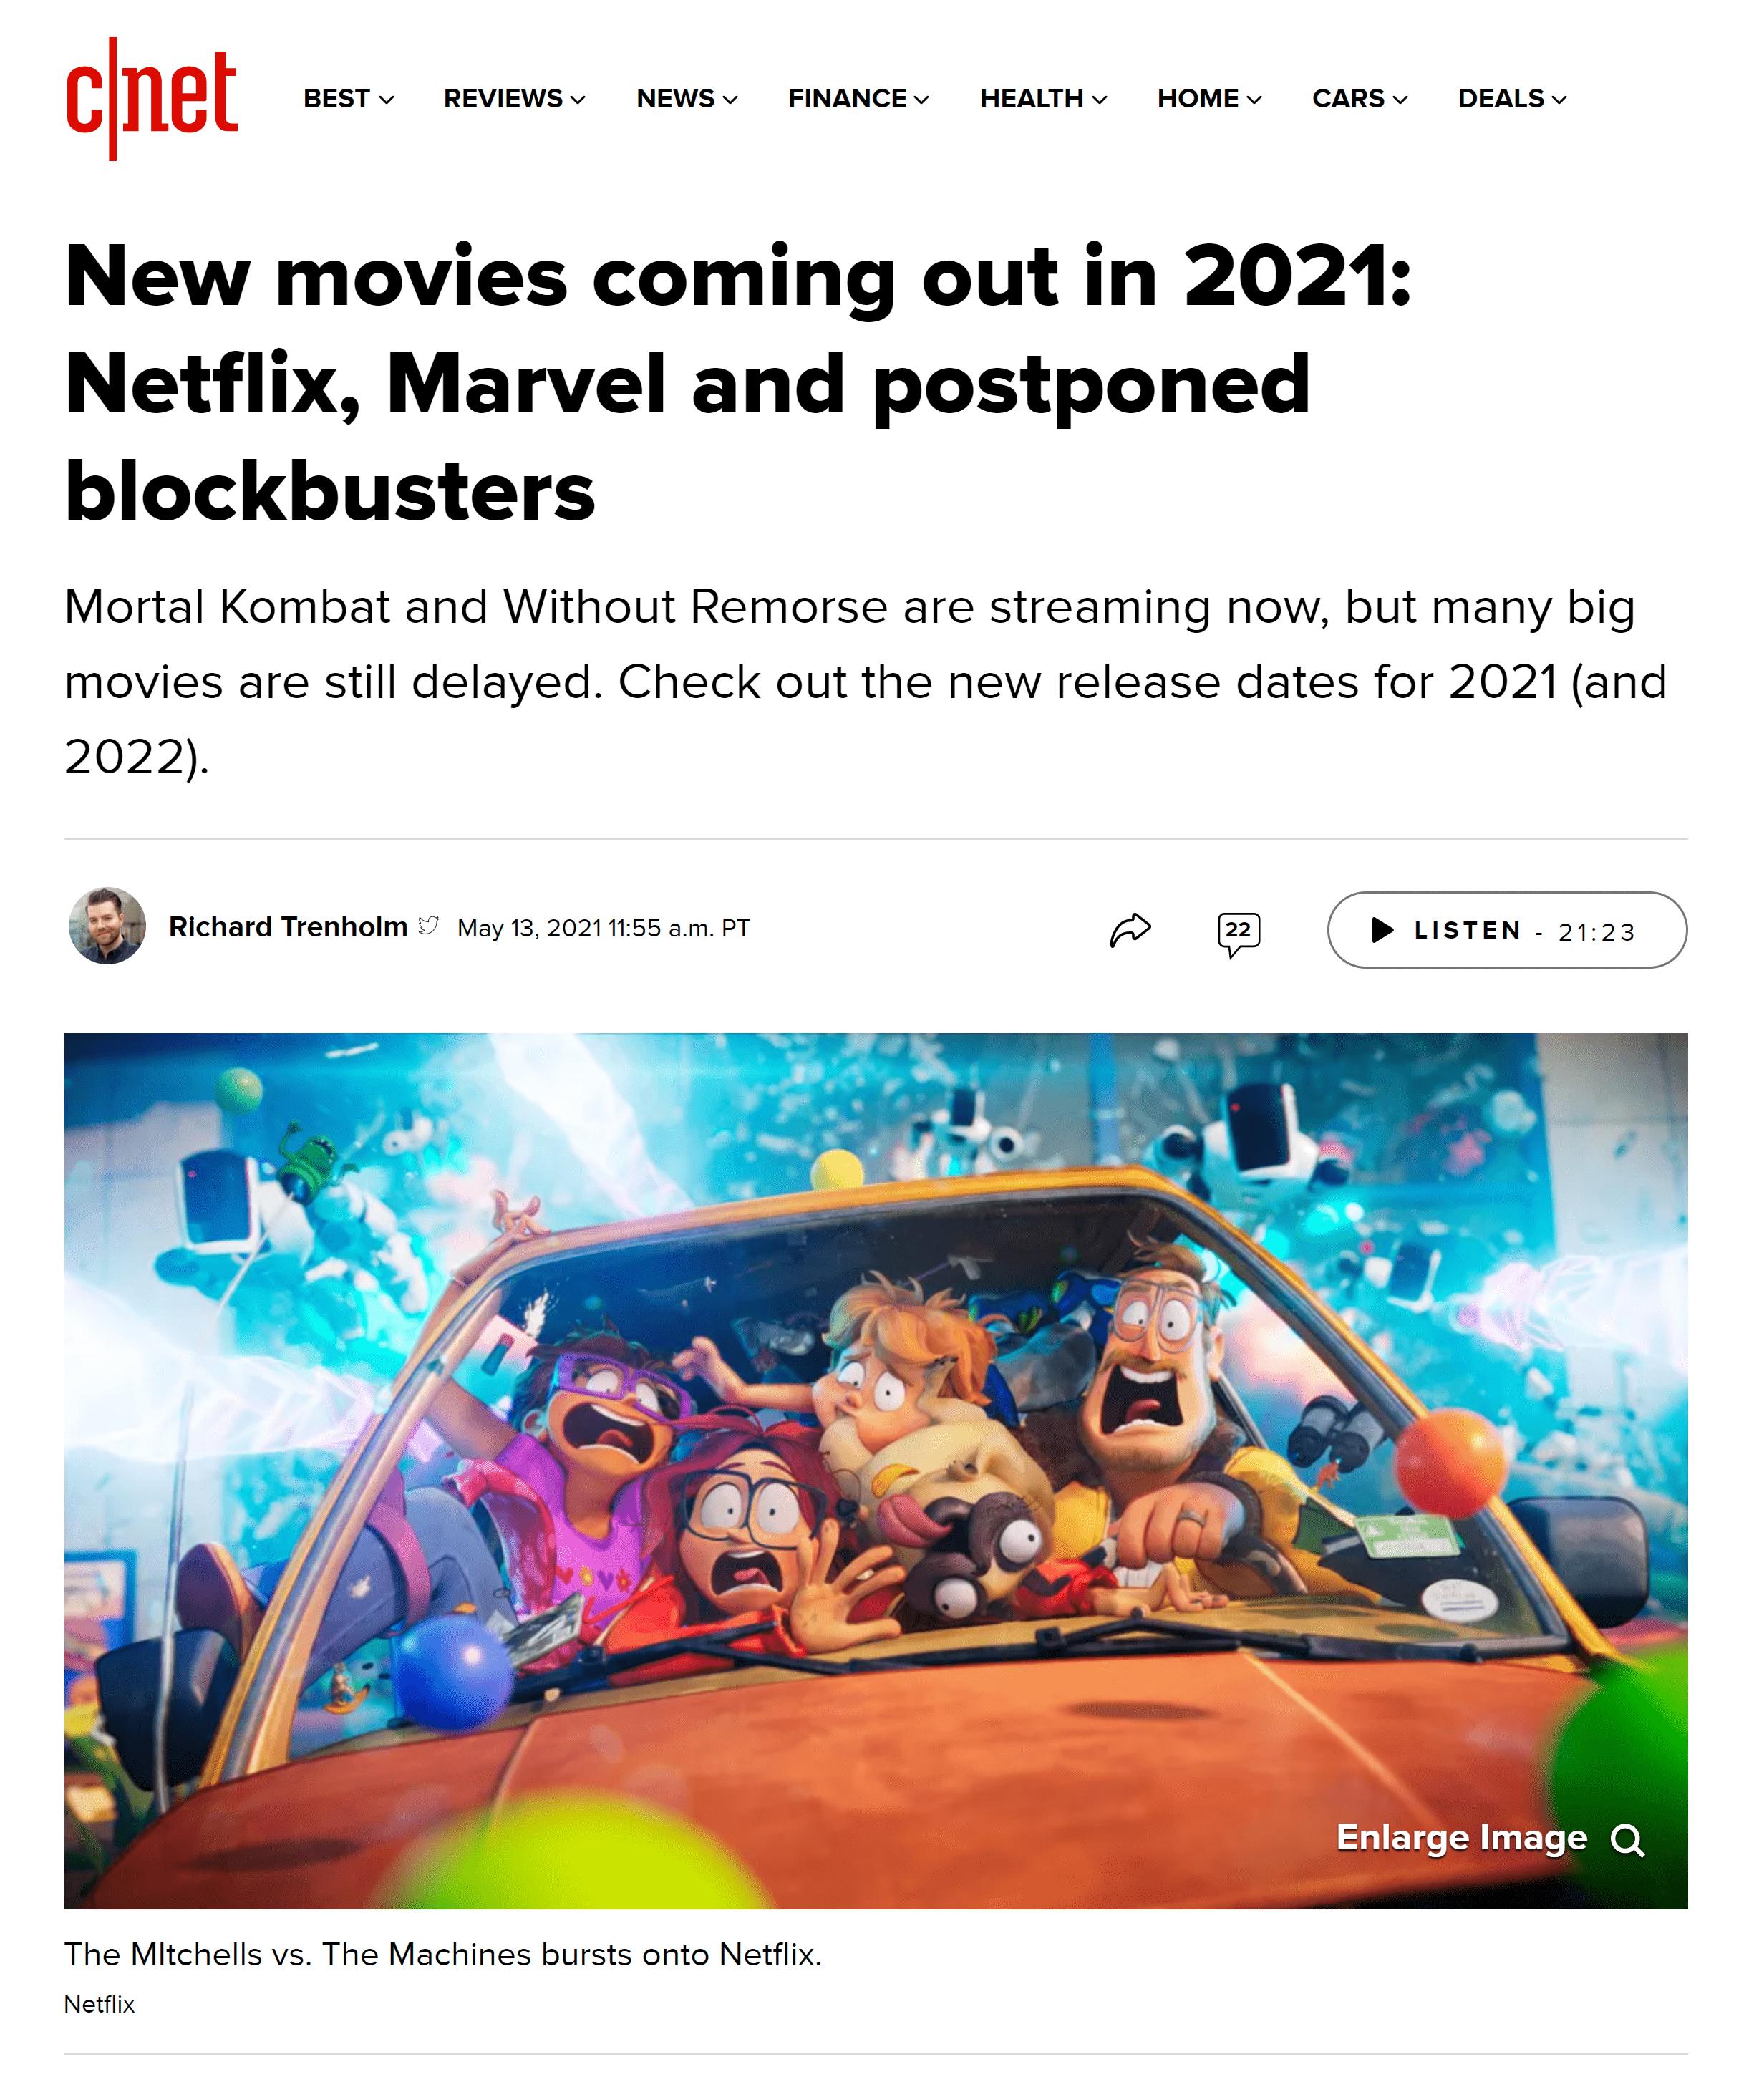 2021 Christmas Toy Trend 64xthxlyn Fumm